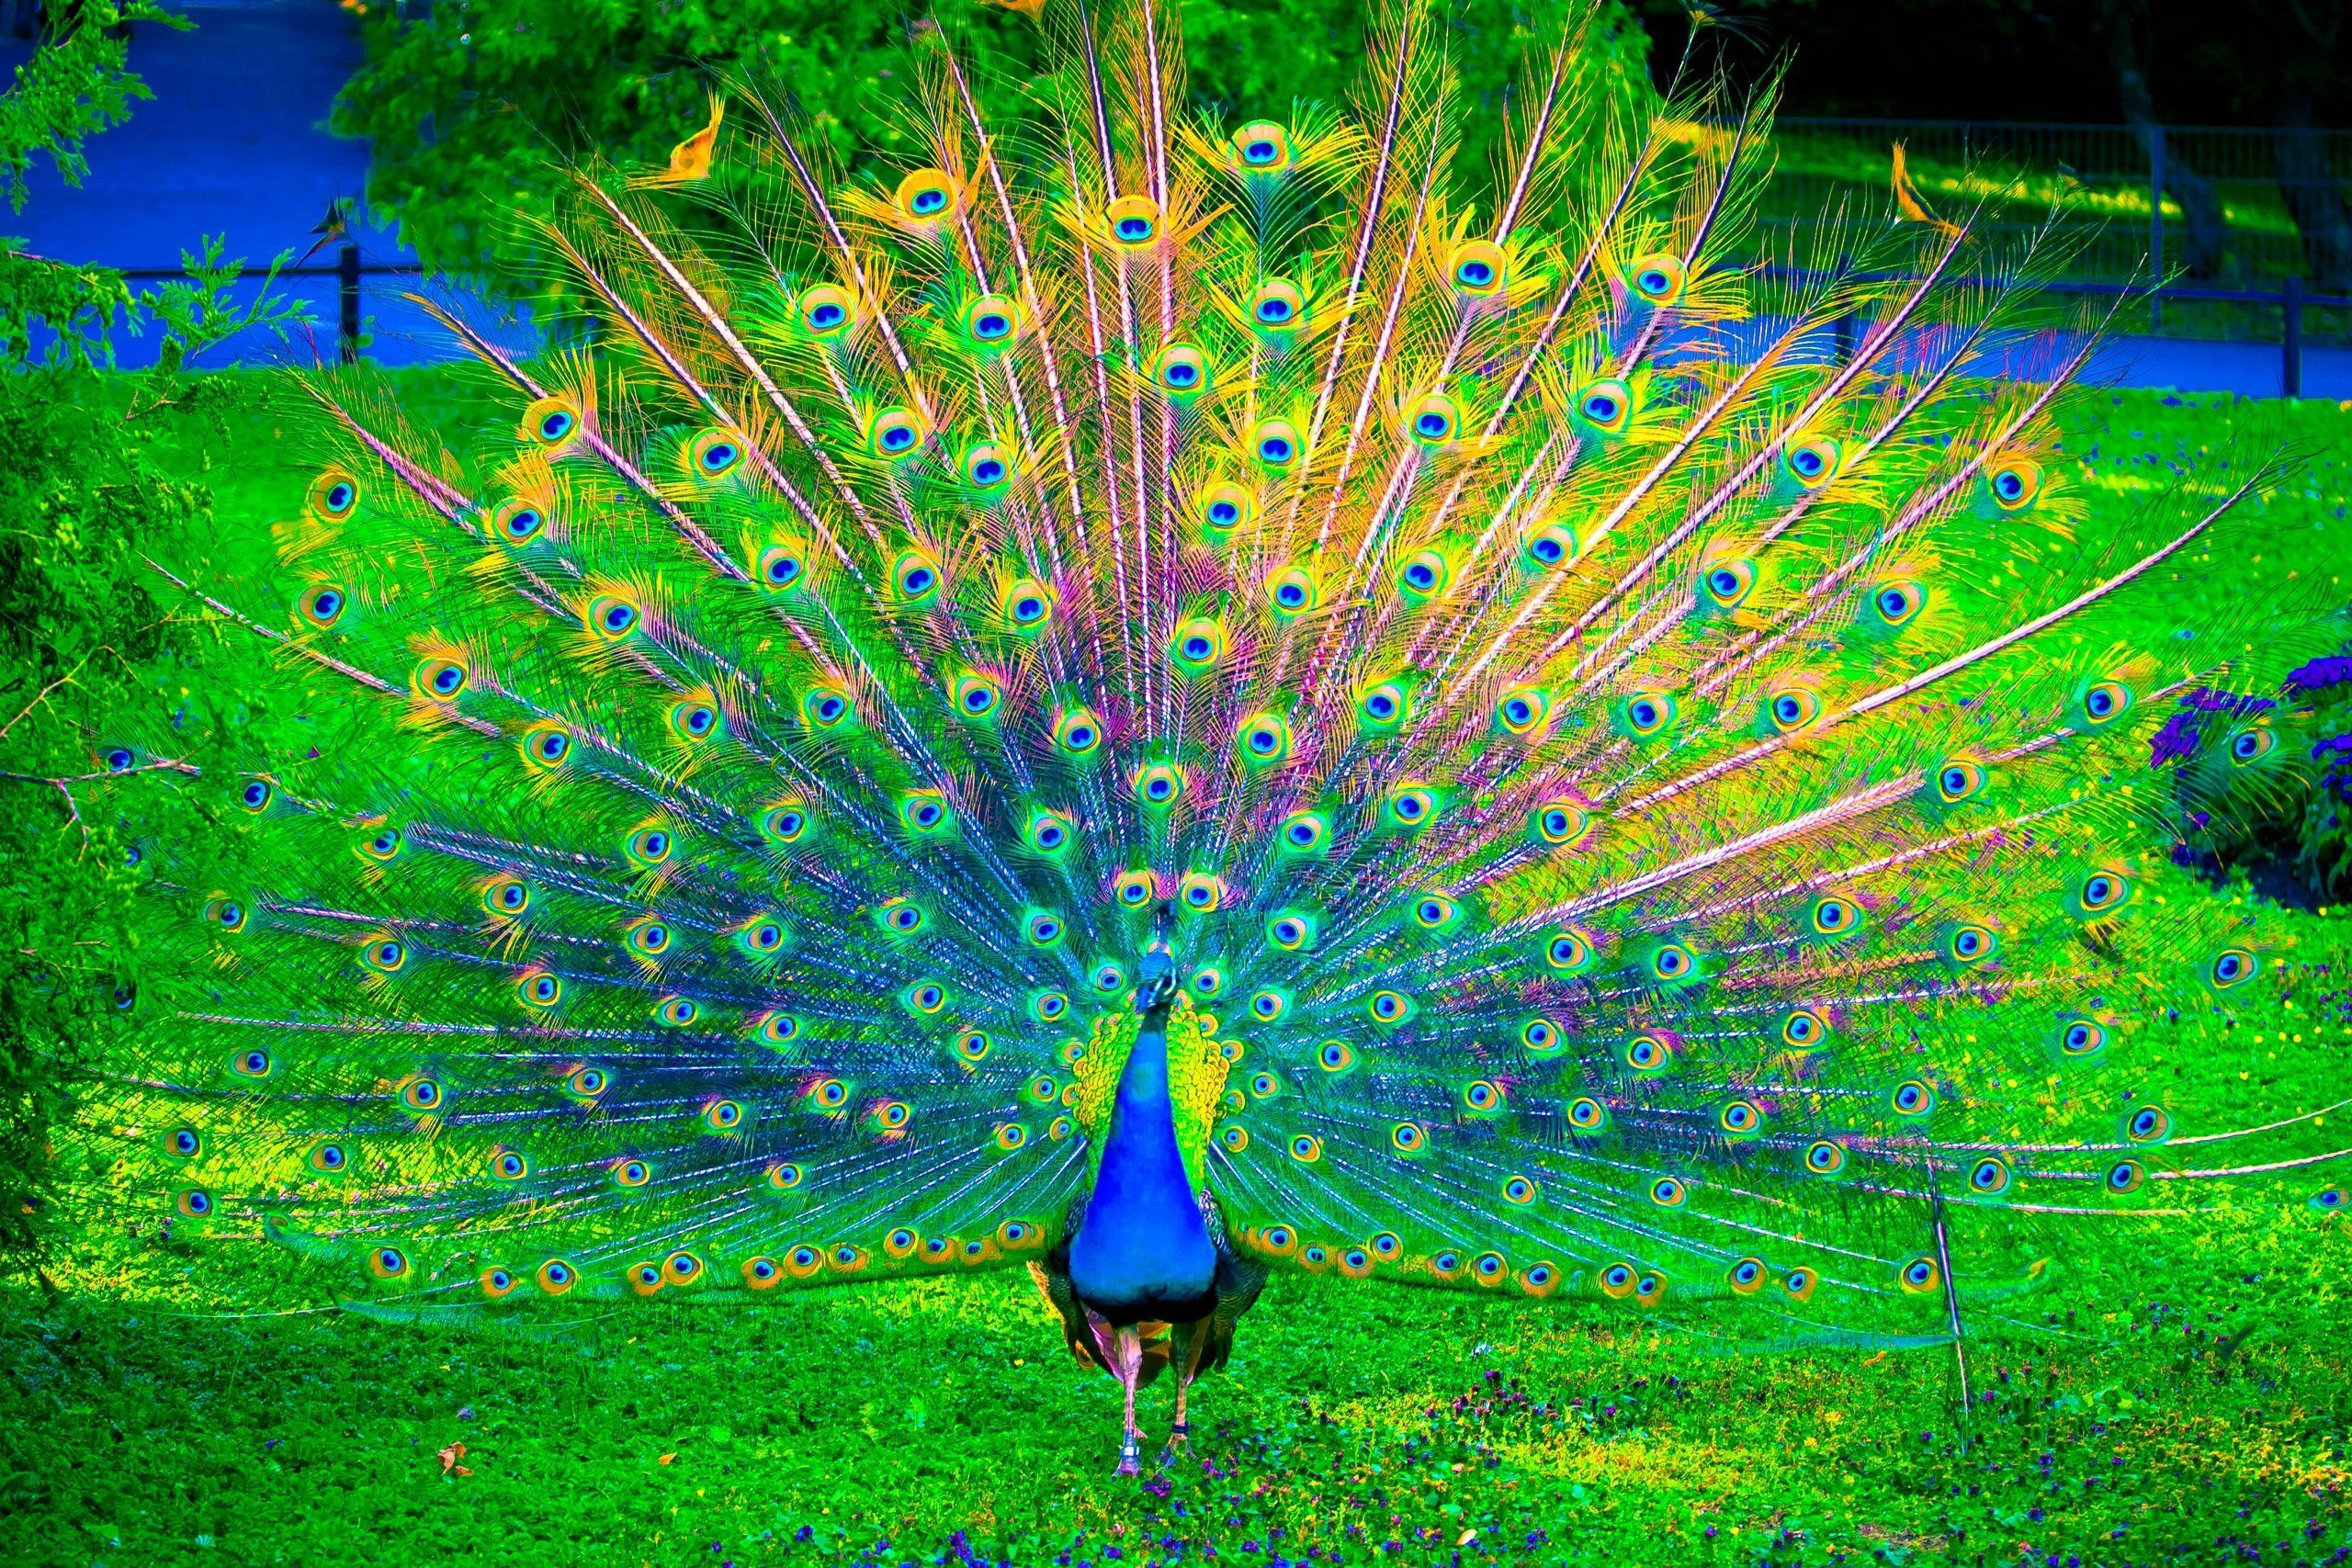 peacock photos download